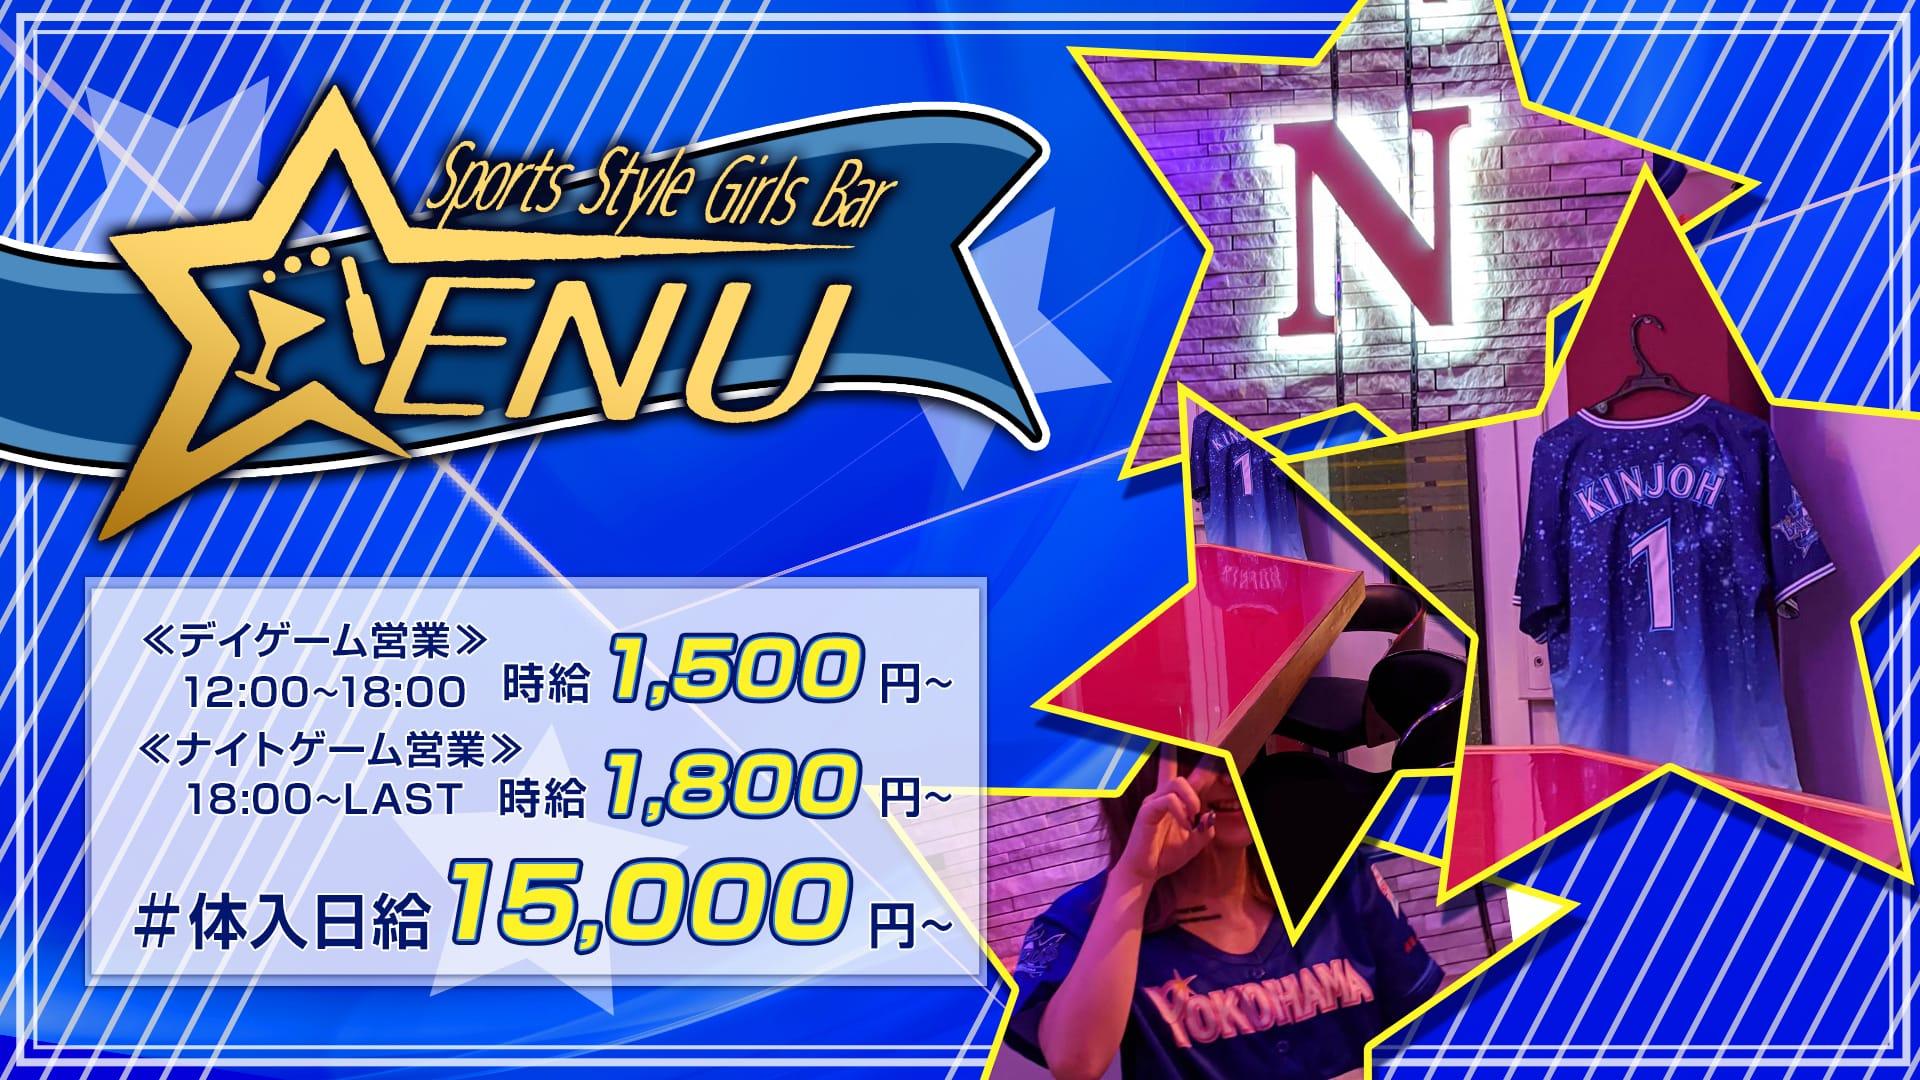 【朝・昼・夜】Sporty Style Bar ENU(エヌ) 関内ガールズバー TOP画像